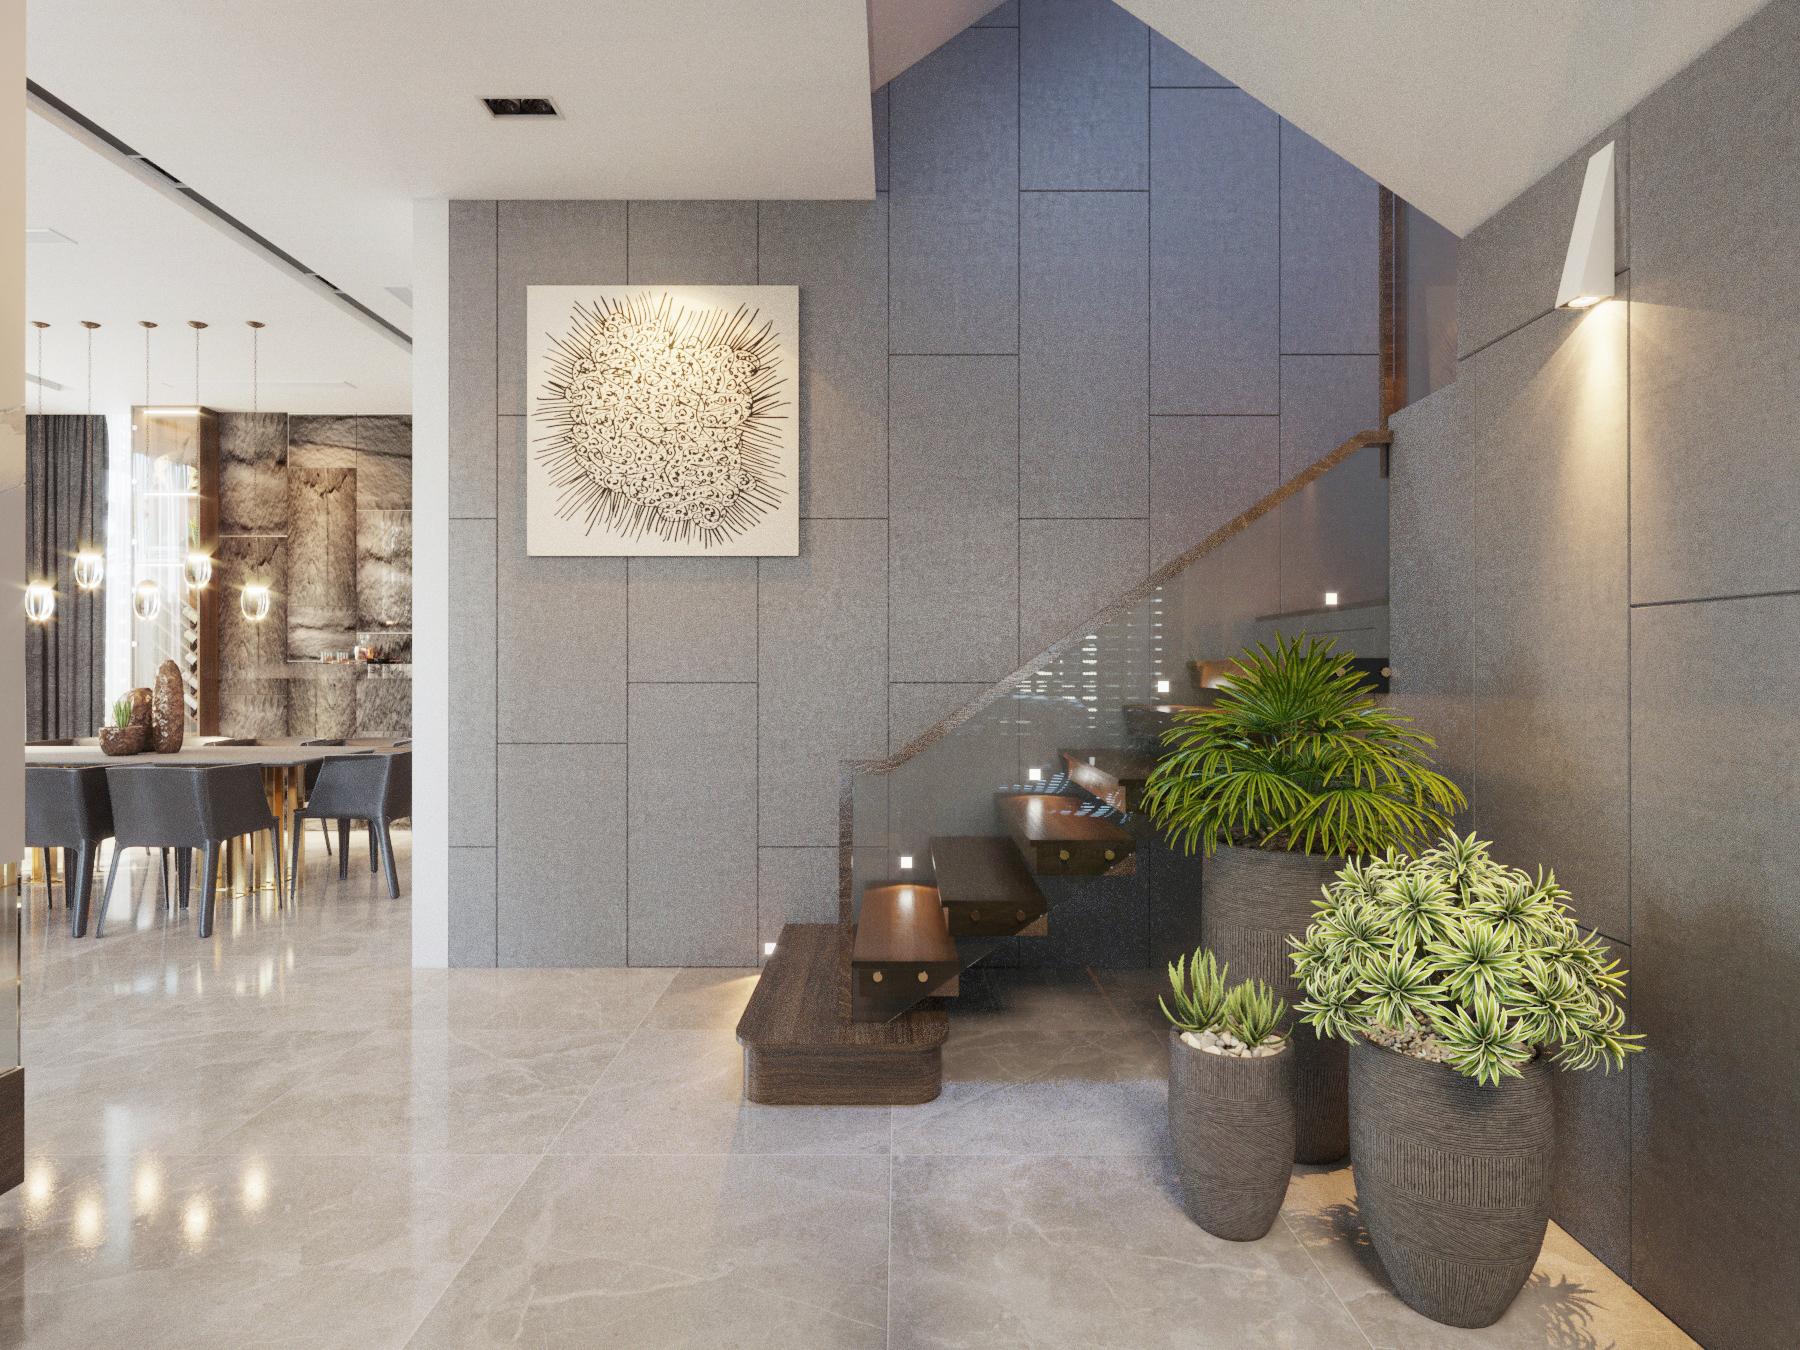 Thiết kế Biệt Thự tại Hải Phòng Vila_02 1575349955 16